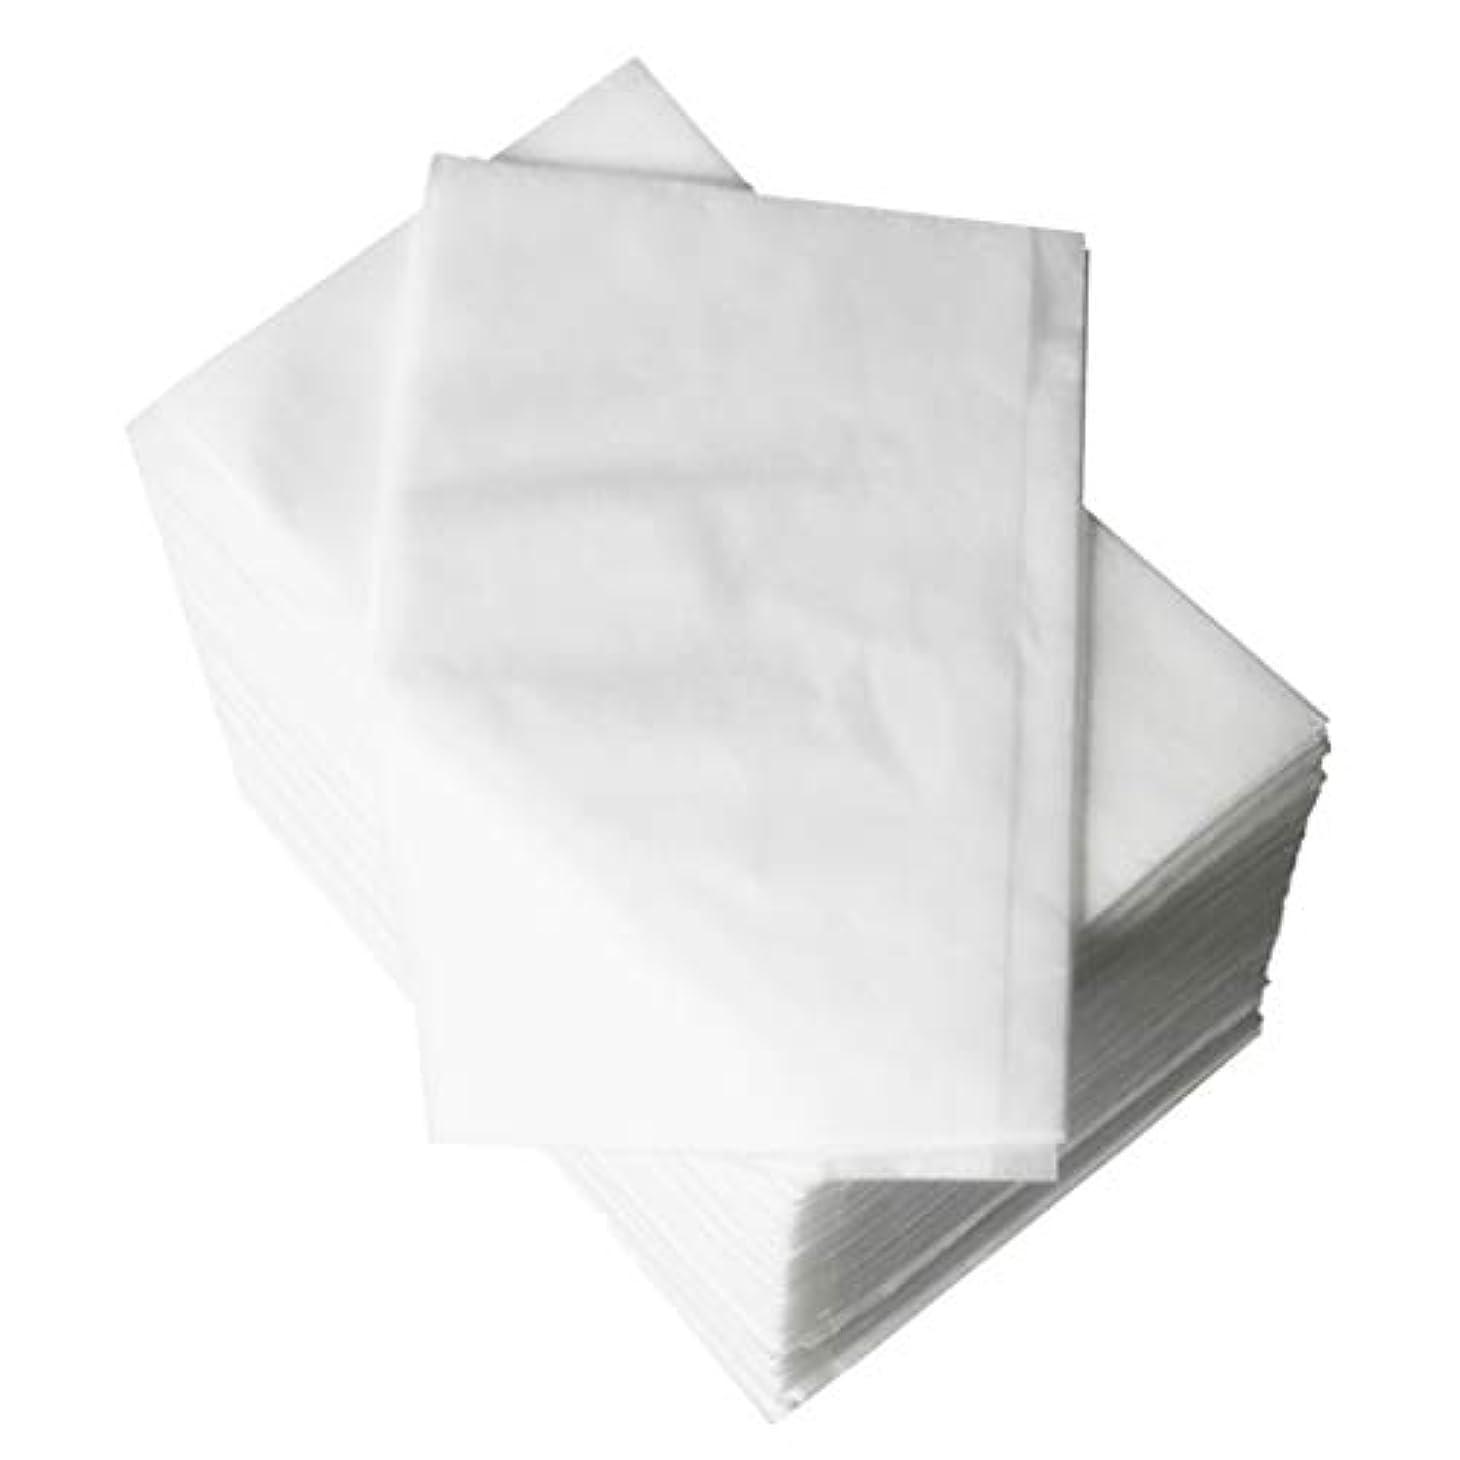 ミントメダル無数のP Prettyia 使い捨てベッドシーツ 美容シーツ 約80 x 180 cm 約100個 全2色 - 白